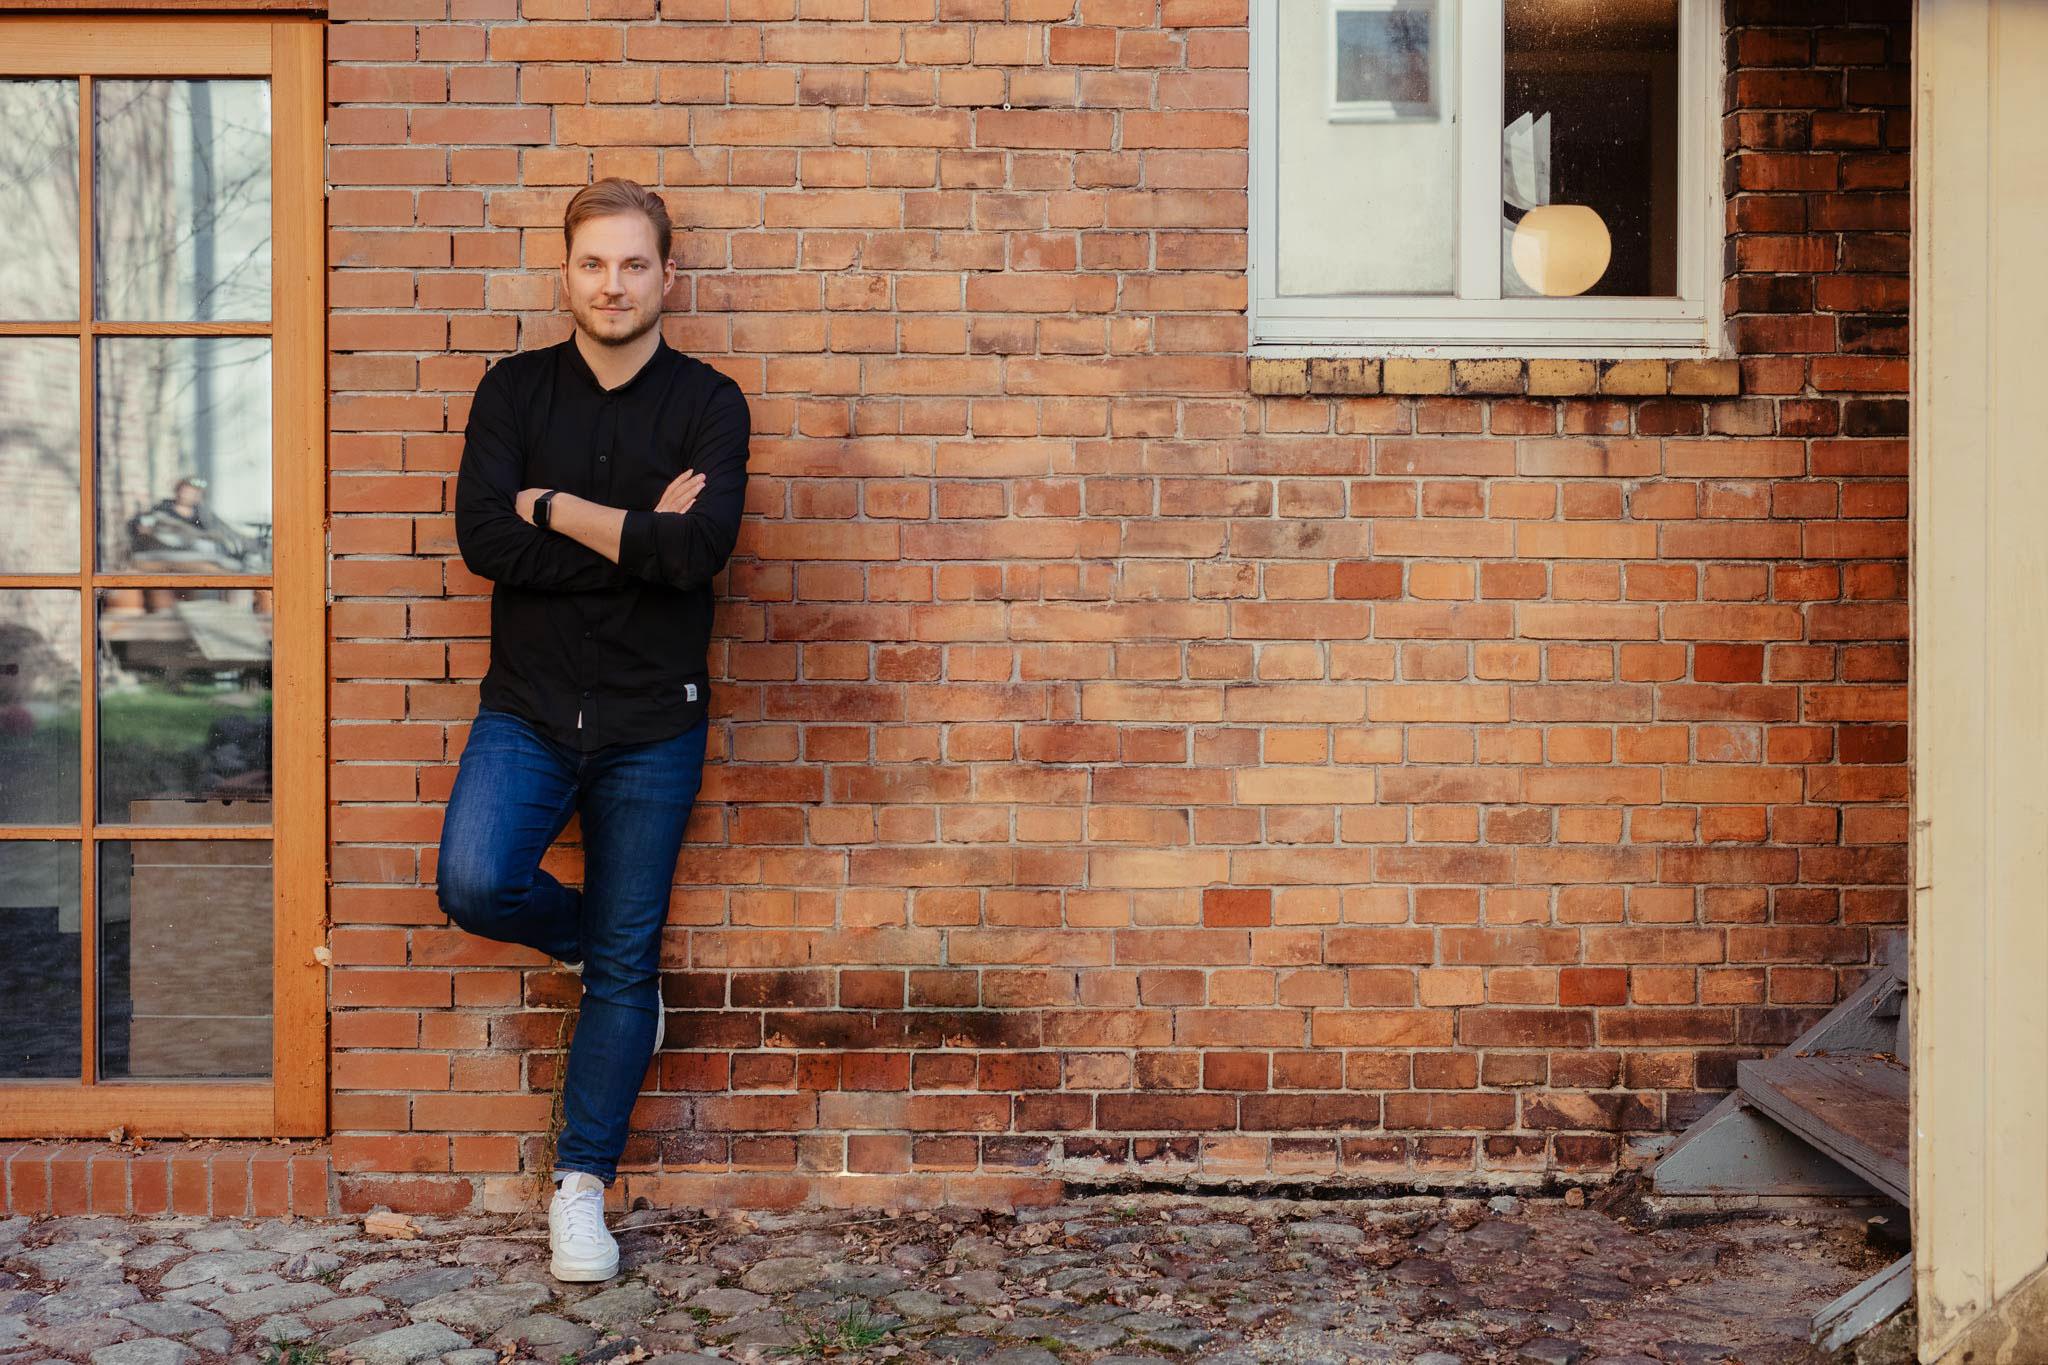 Gesichter Bastian Krautwald